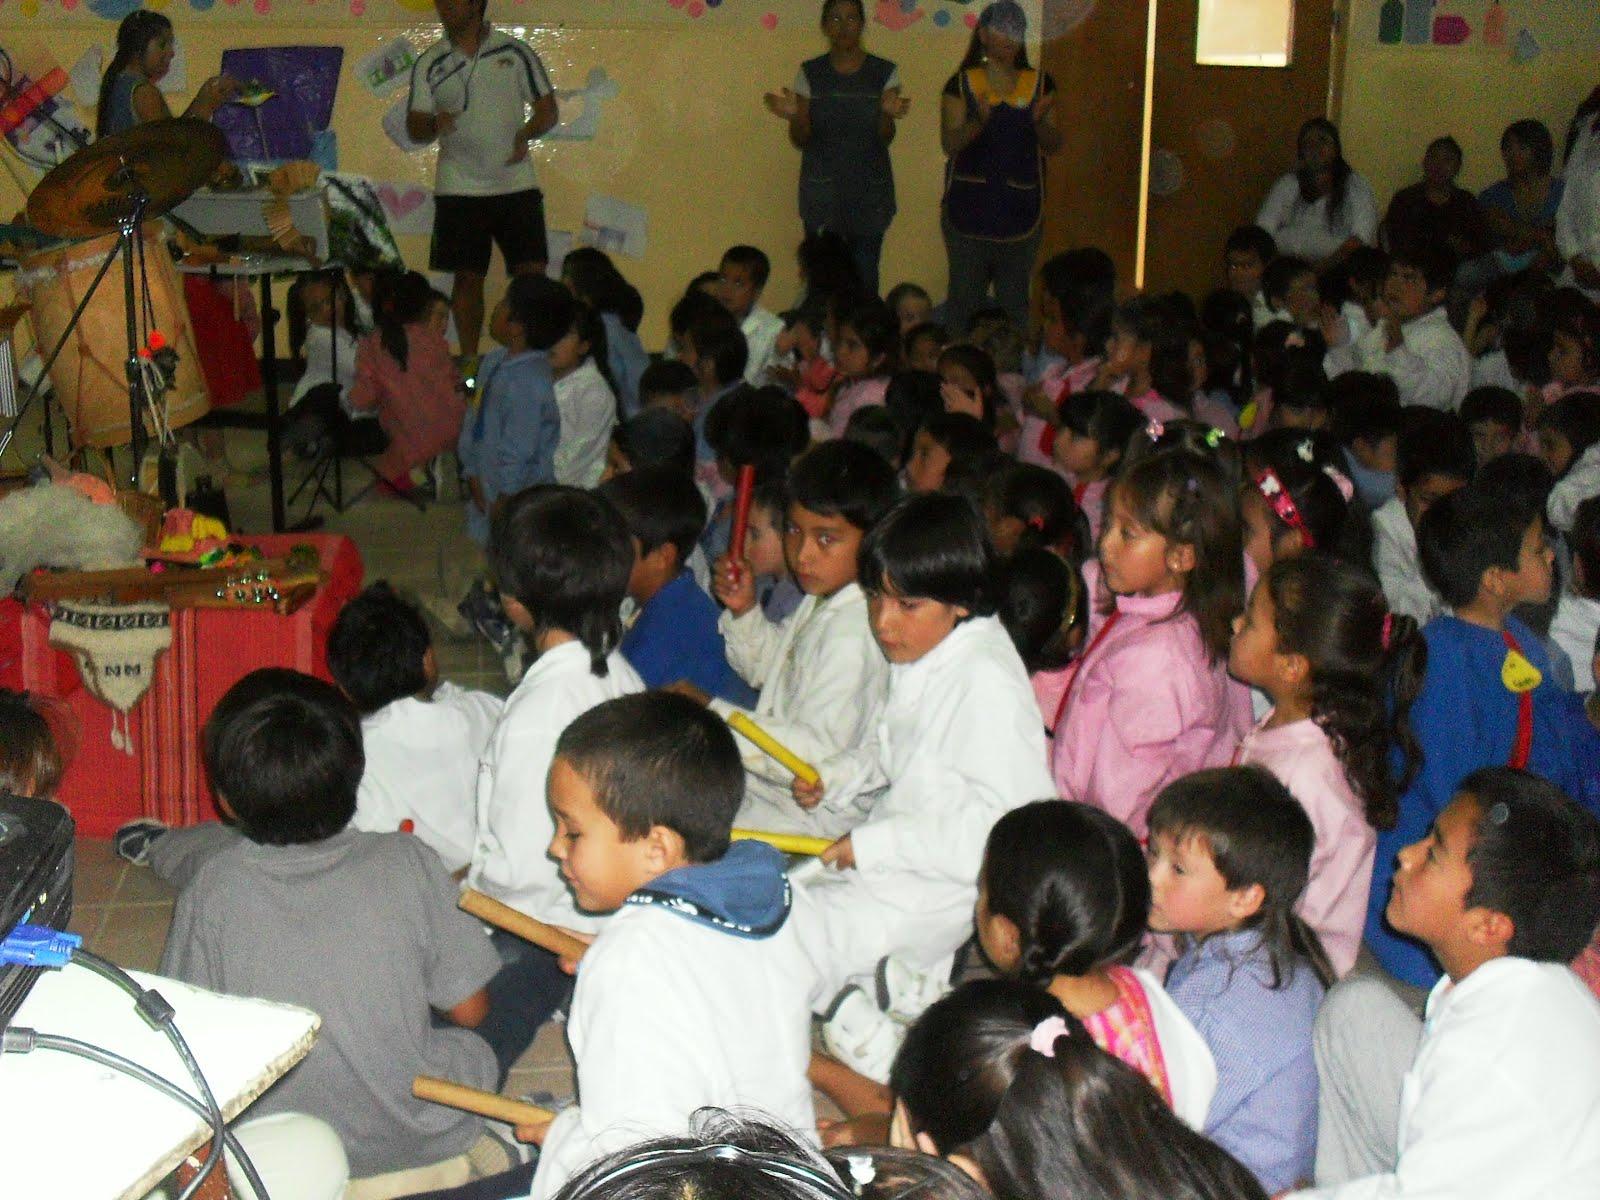 La maroma bariloche escuela 320 y jard n 61 marzo 2012 for Jardin 61 bariloche